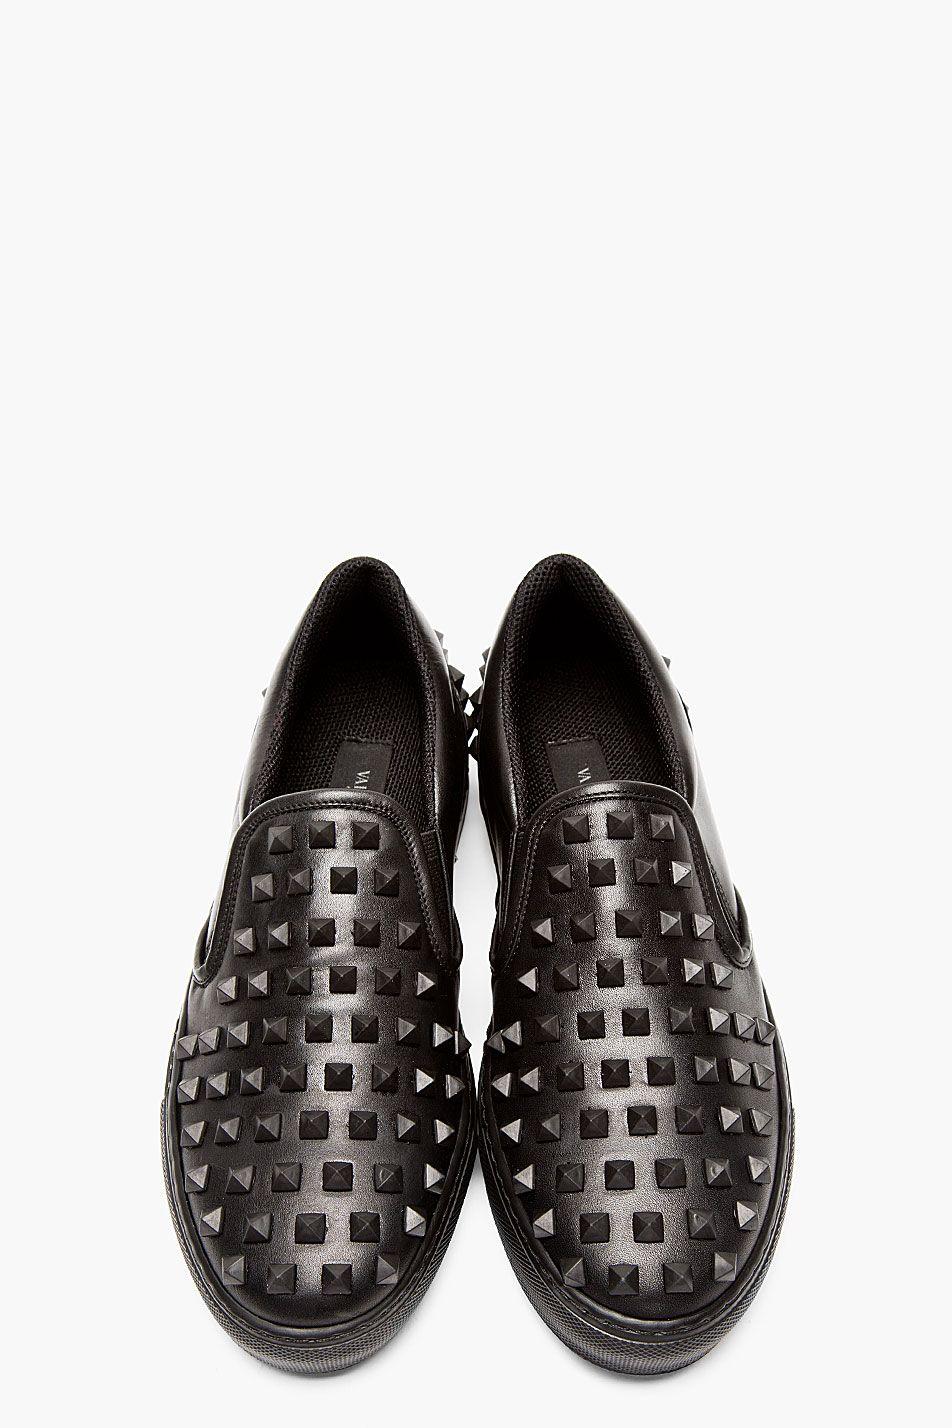 Dress shoes men, Stylish shoes, Shoes mens